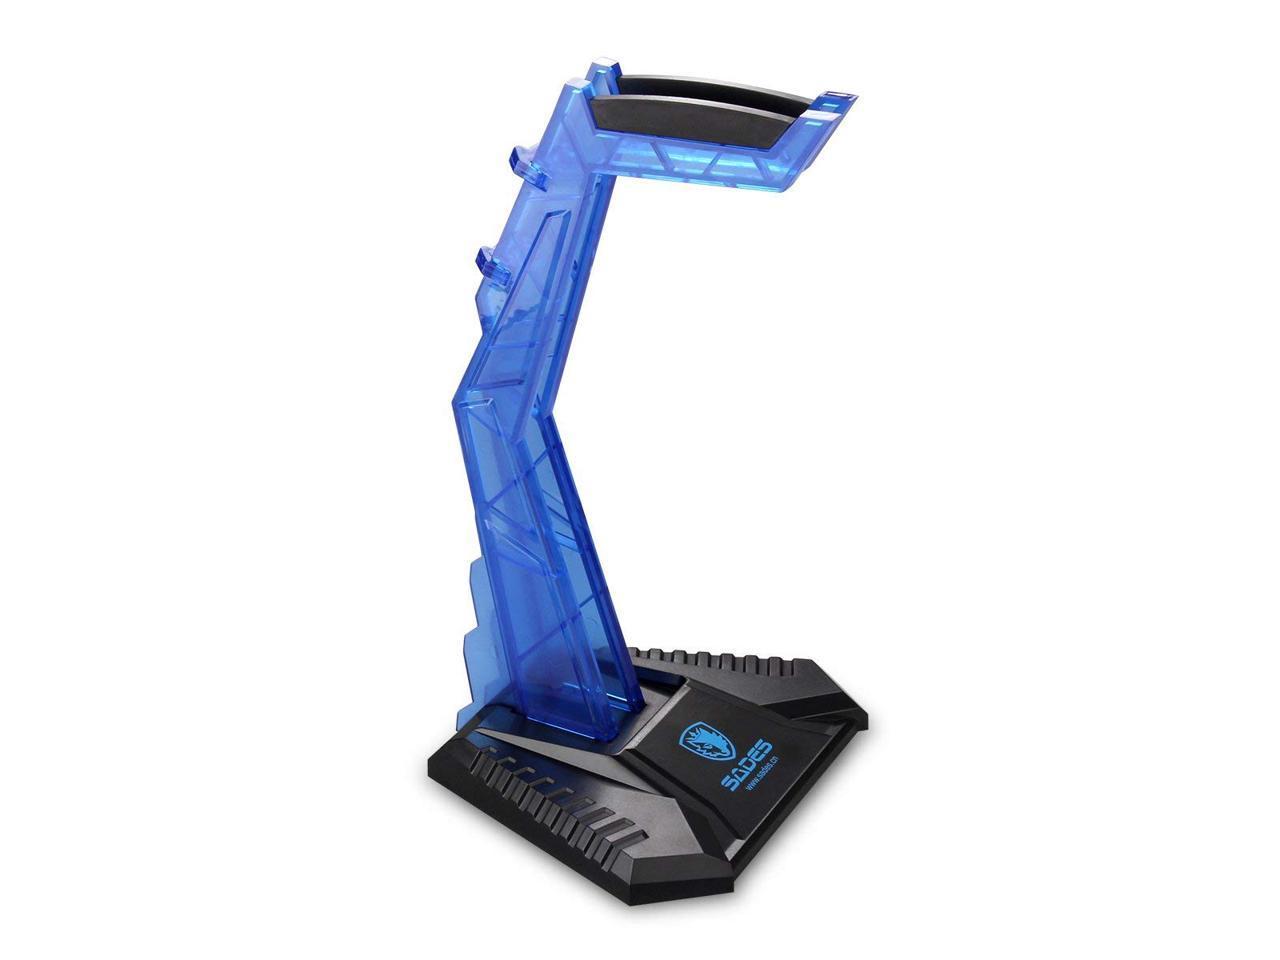 Наушники Игровая геймерская акриловая подставка SADES E-Sports для наушников (Фото 2)